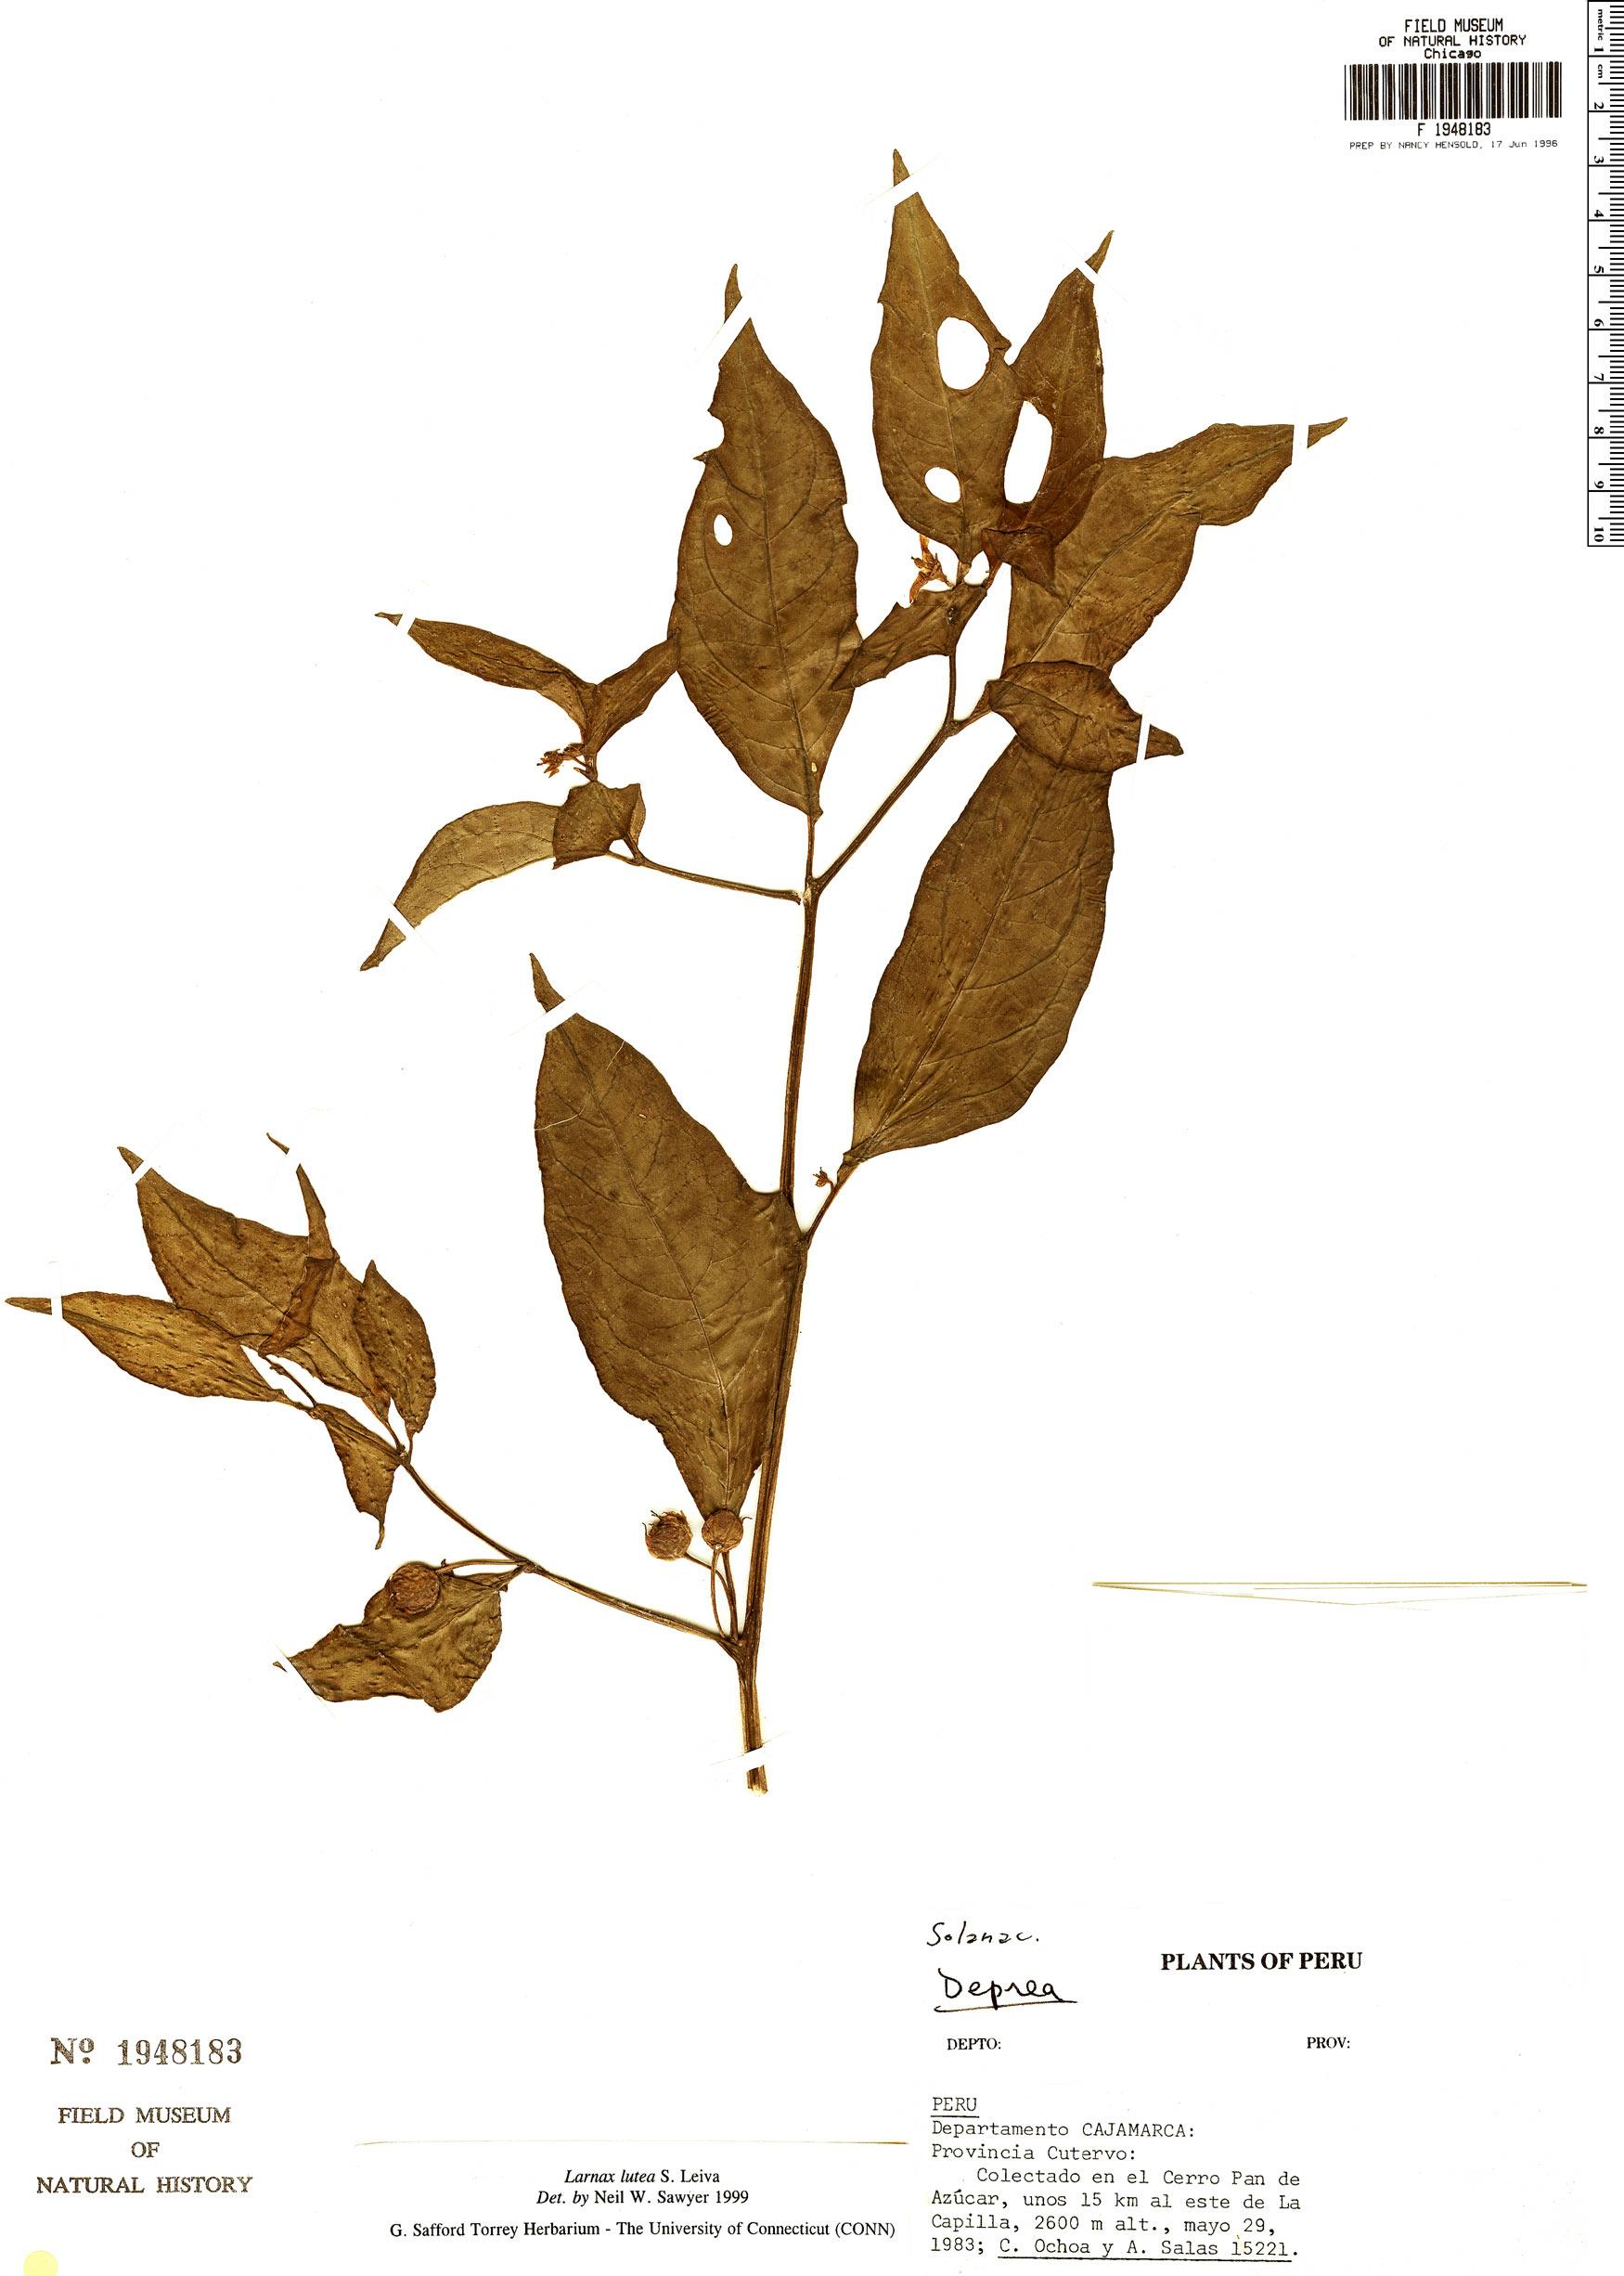 Specimen: Larnax lutea